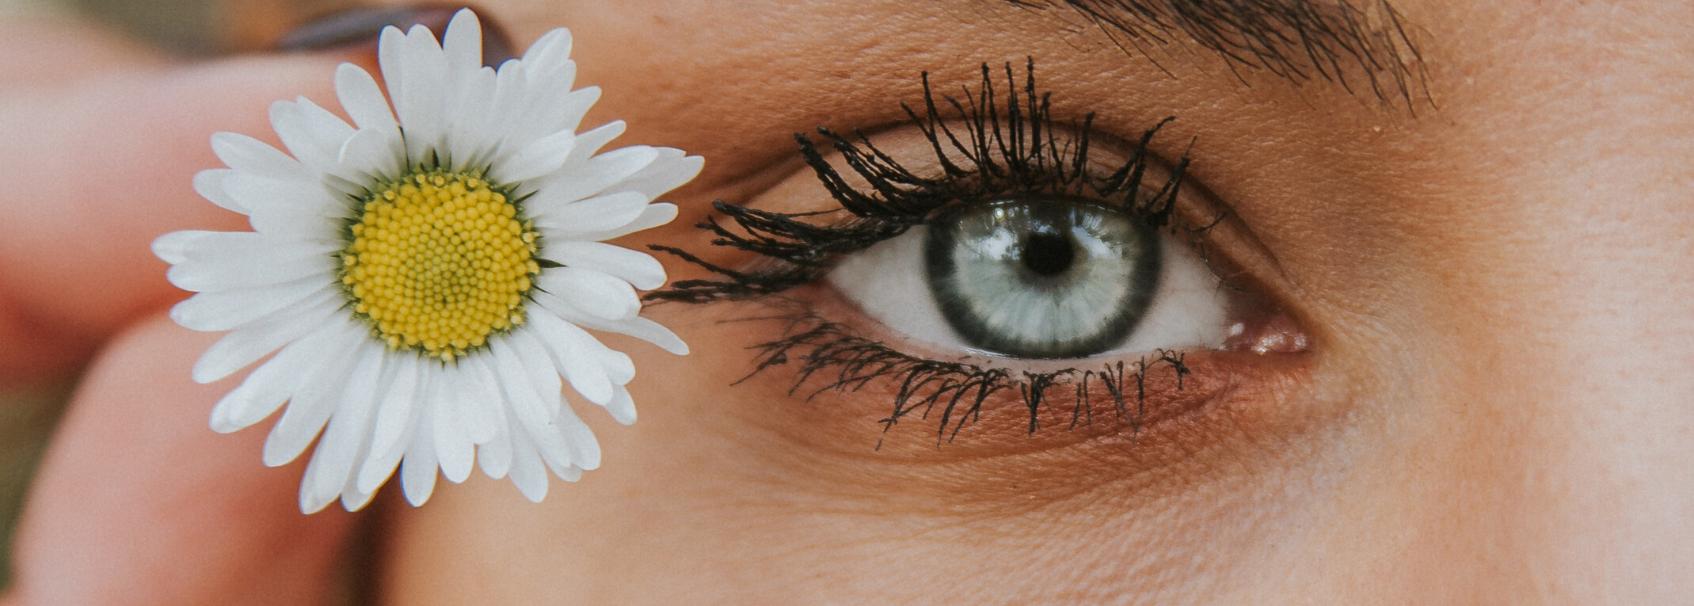 tratamientos para todo tipo de cejas